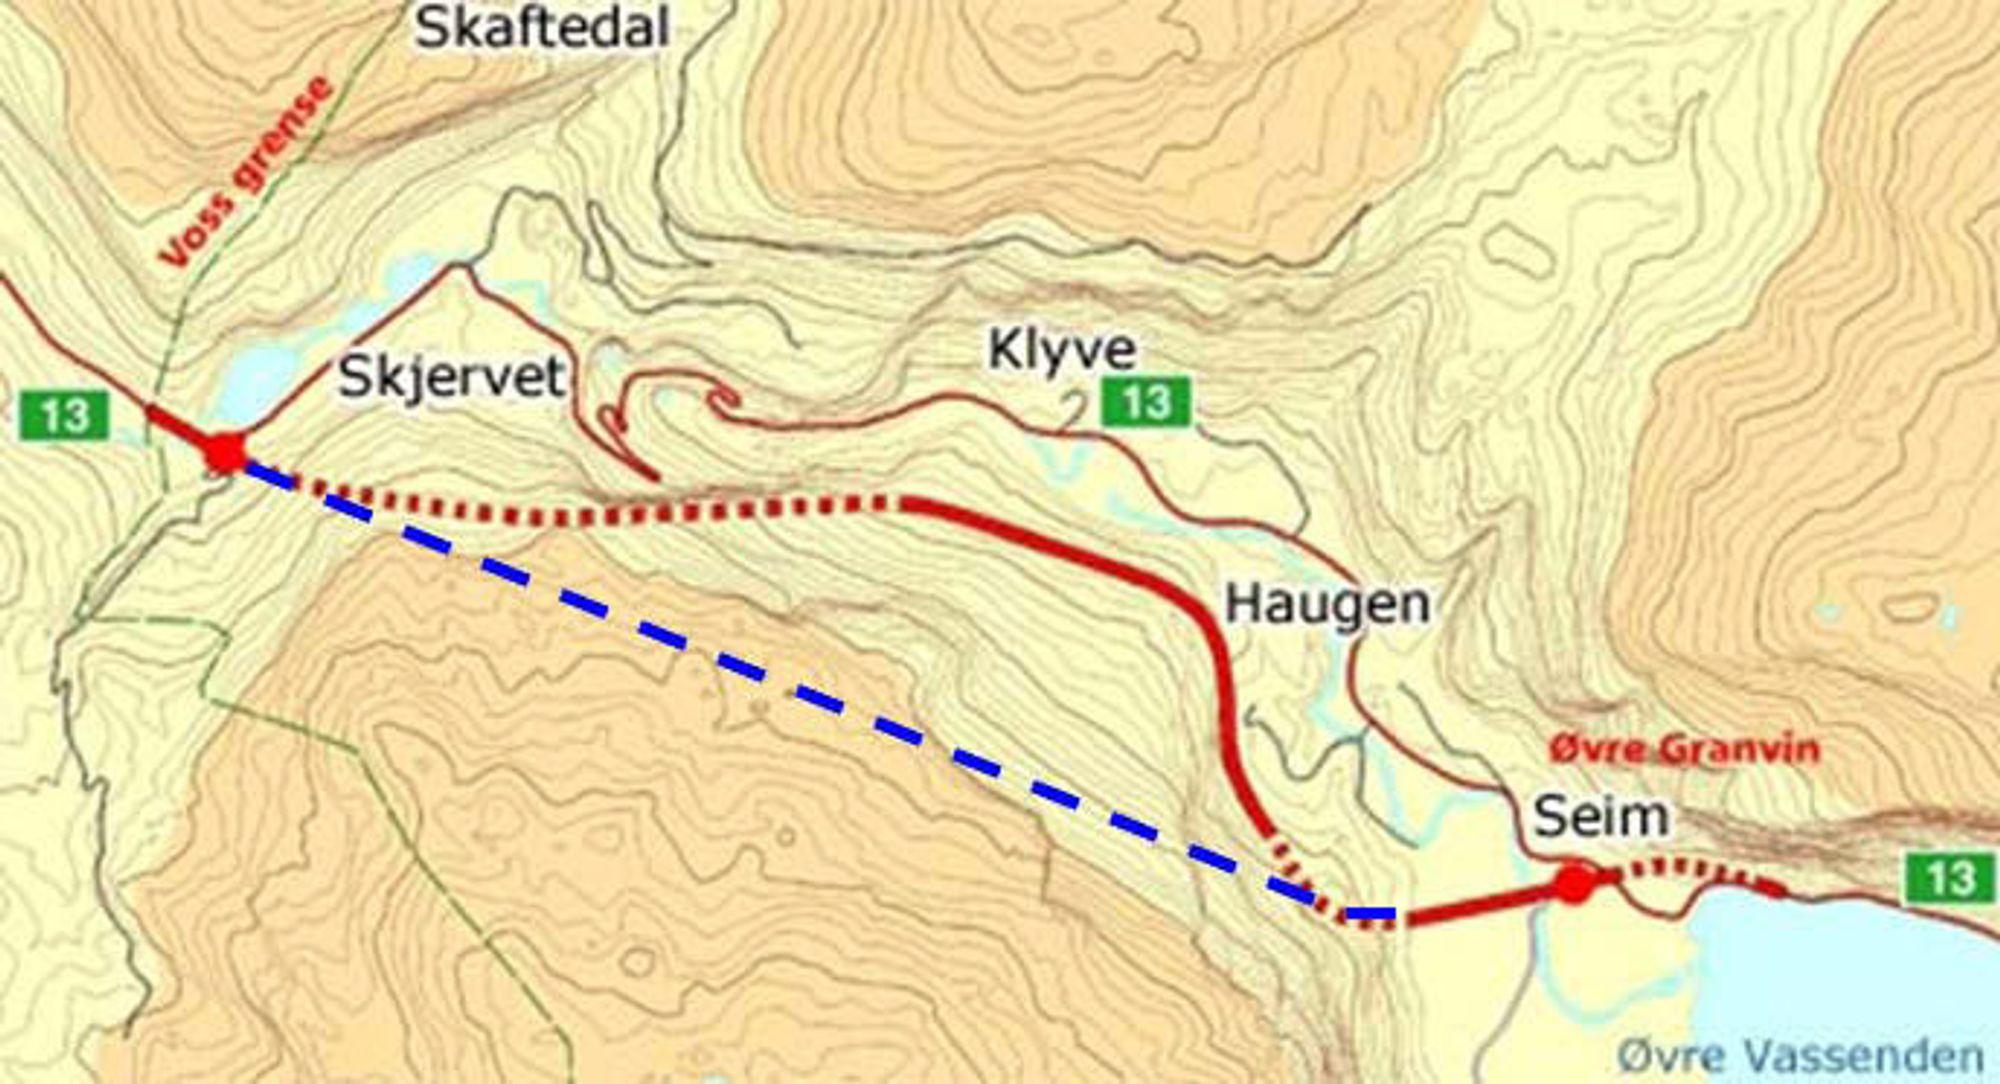 Kartet viser parsellen mellom Øvre Granvin og kommunegrensen mellom Granvin og Voss. Den stiplete blå linjen er Skjervstunnelen. De stiplete røde linjene er tunnelene som ikke kom lenger enn til planleggingsstadiet. Tunnelen lengste til høyre ble tatt ut av Vossapakko på et tidligere stadium.